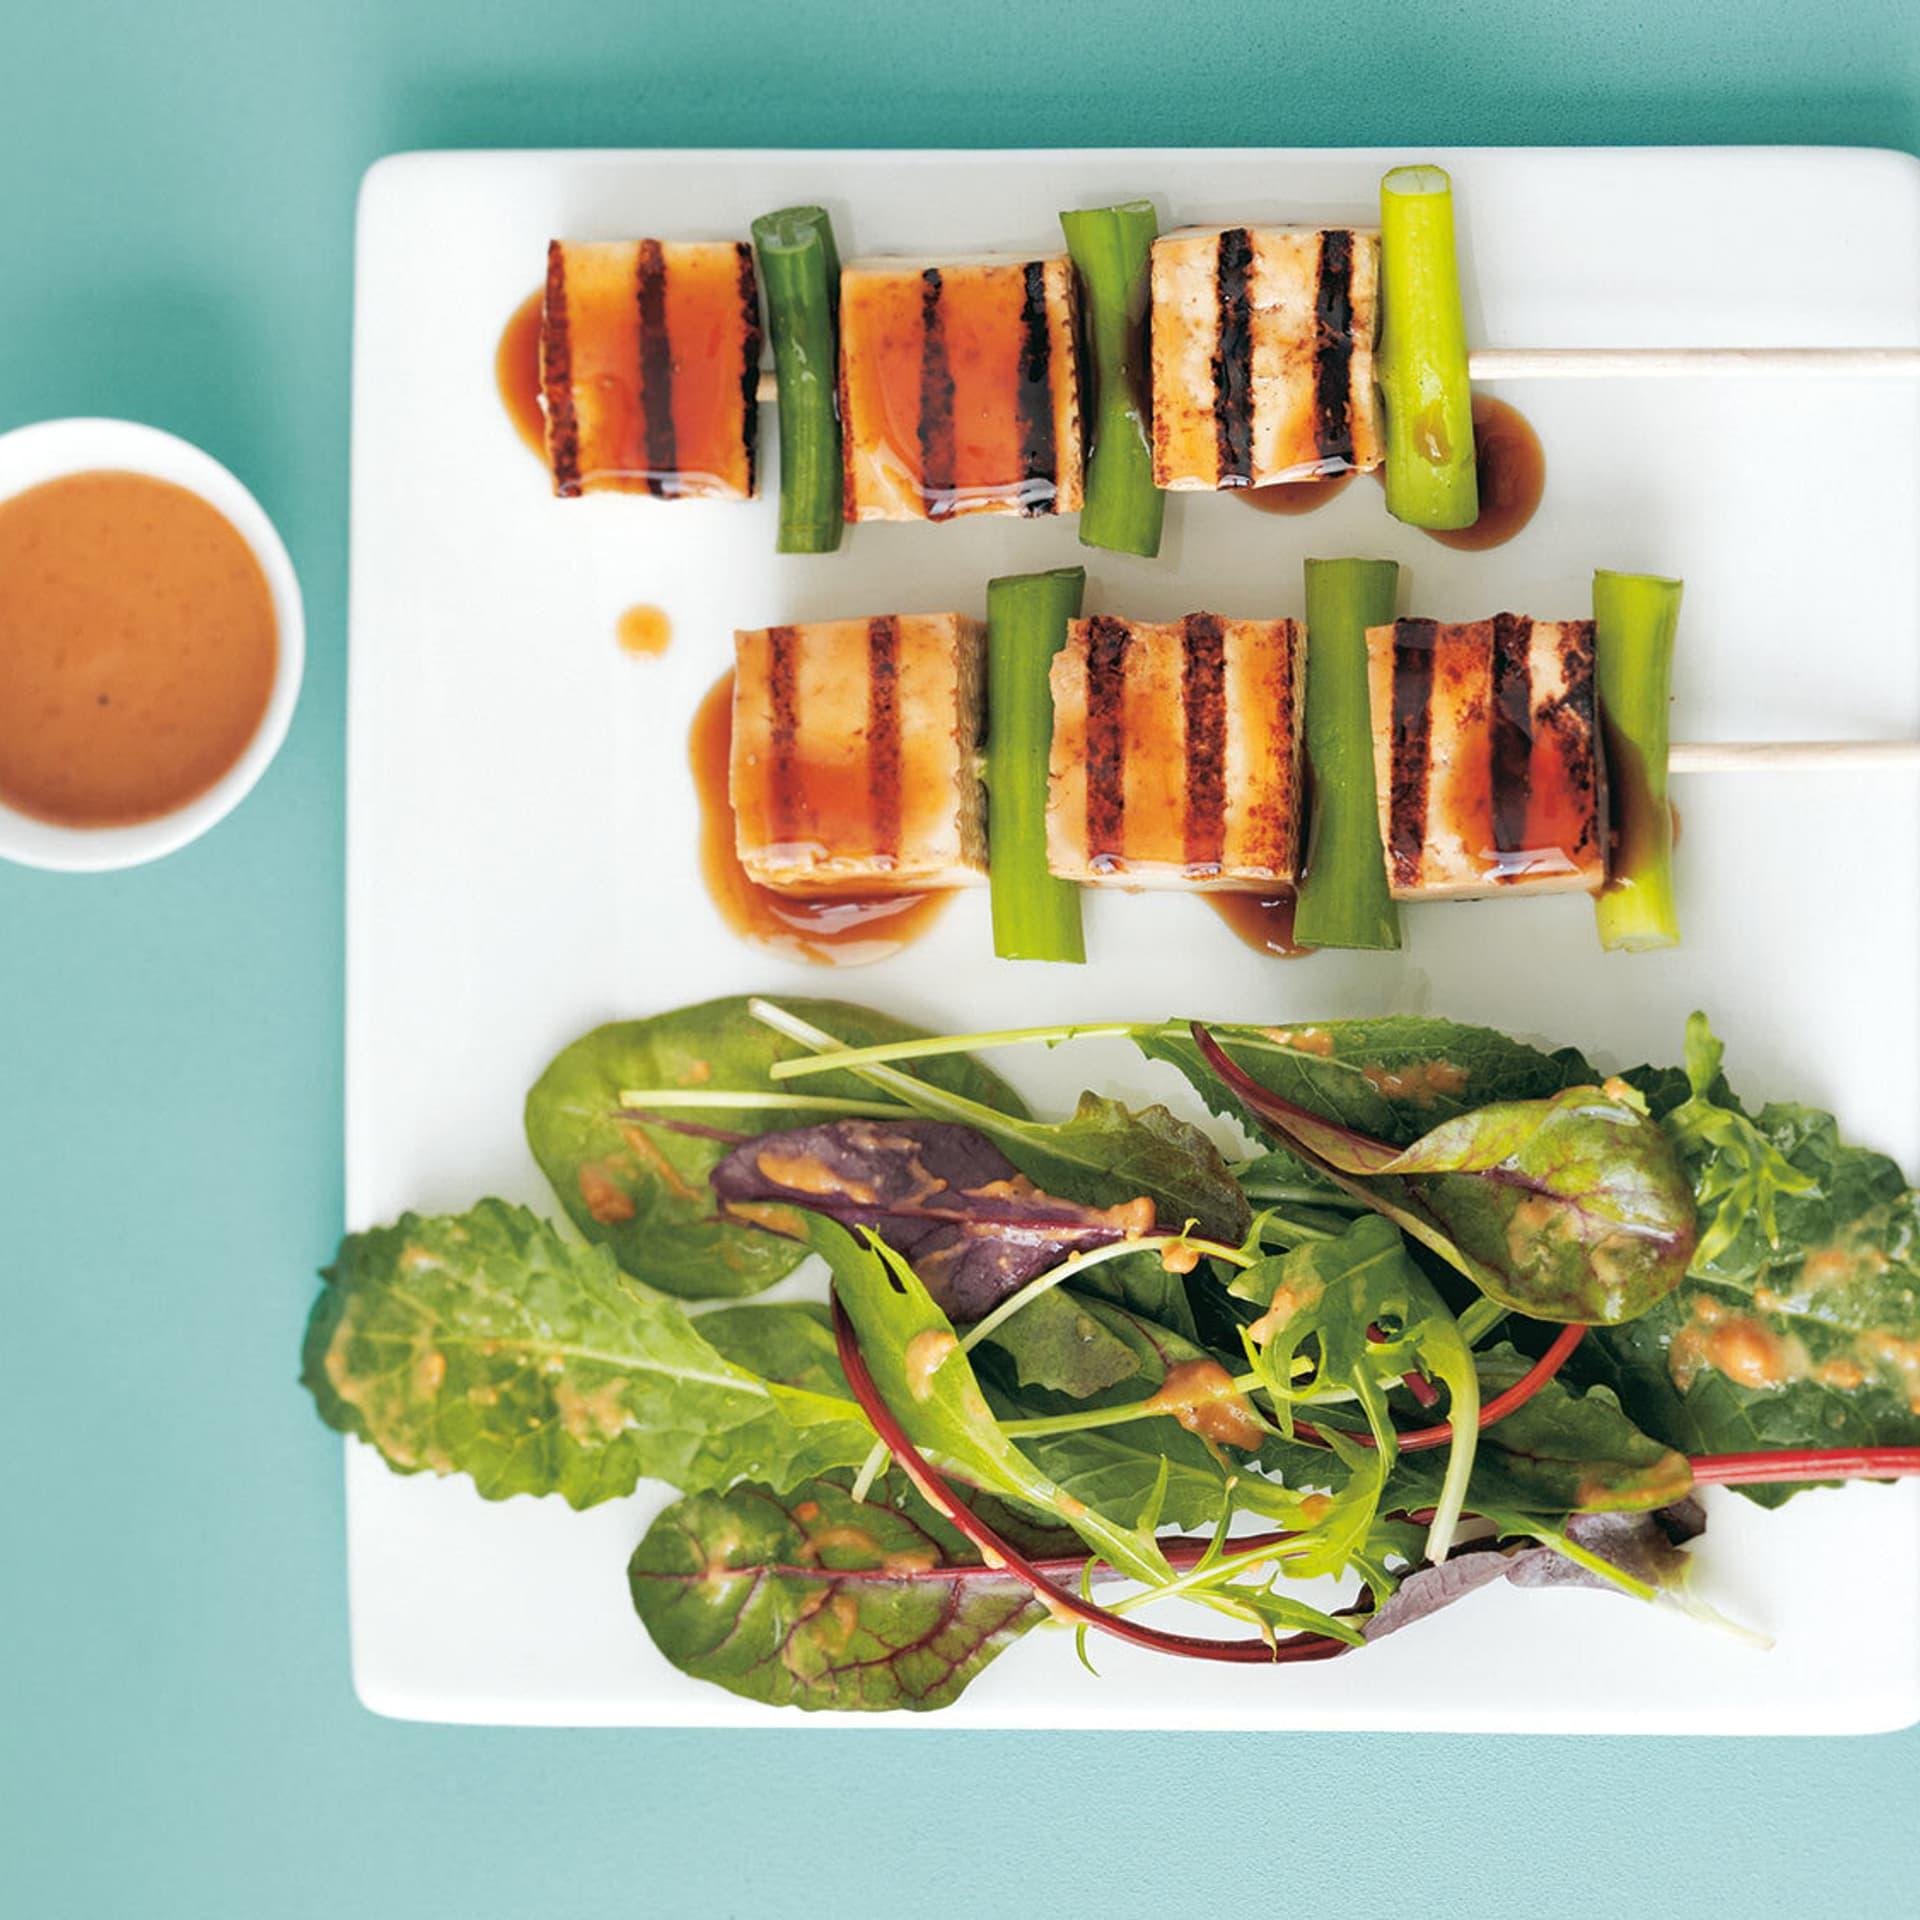 Gegrillte Tofuspieße mit Salat und Dip